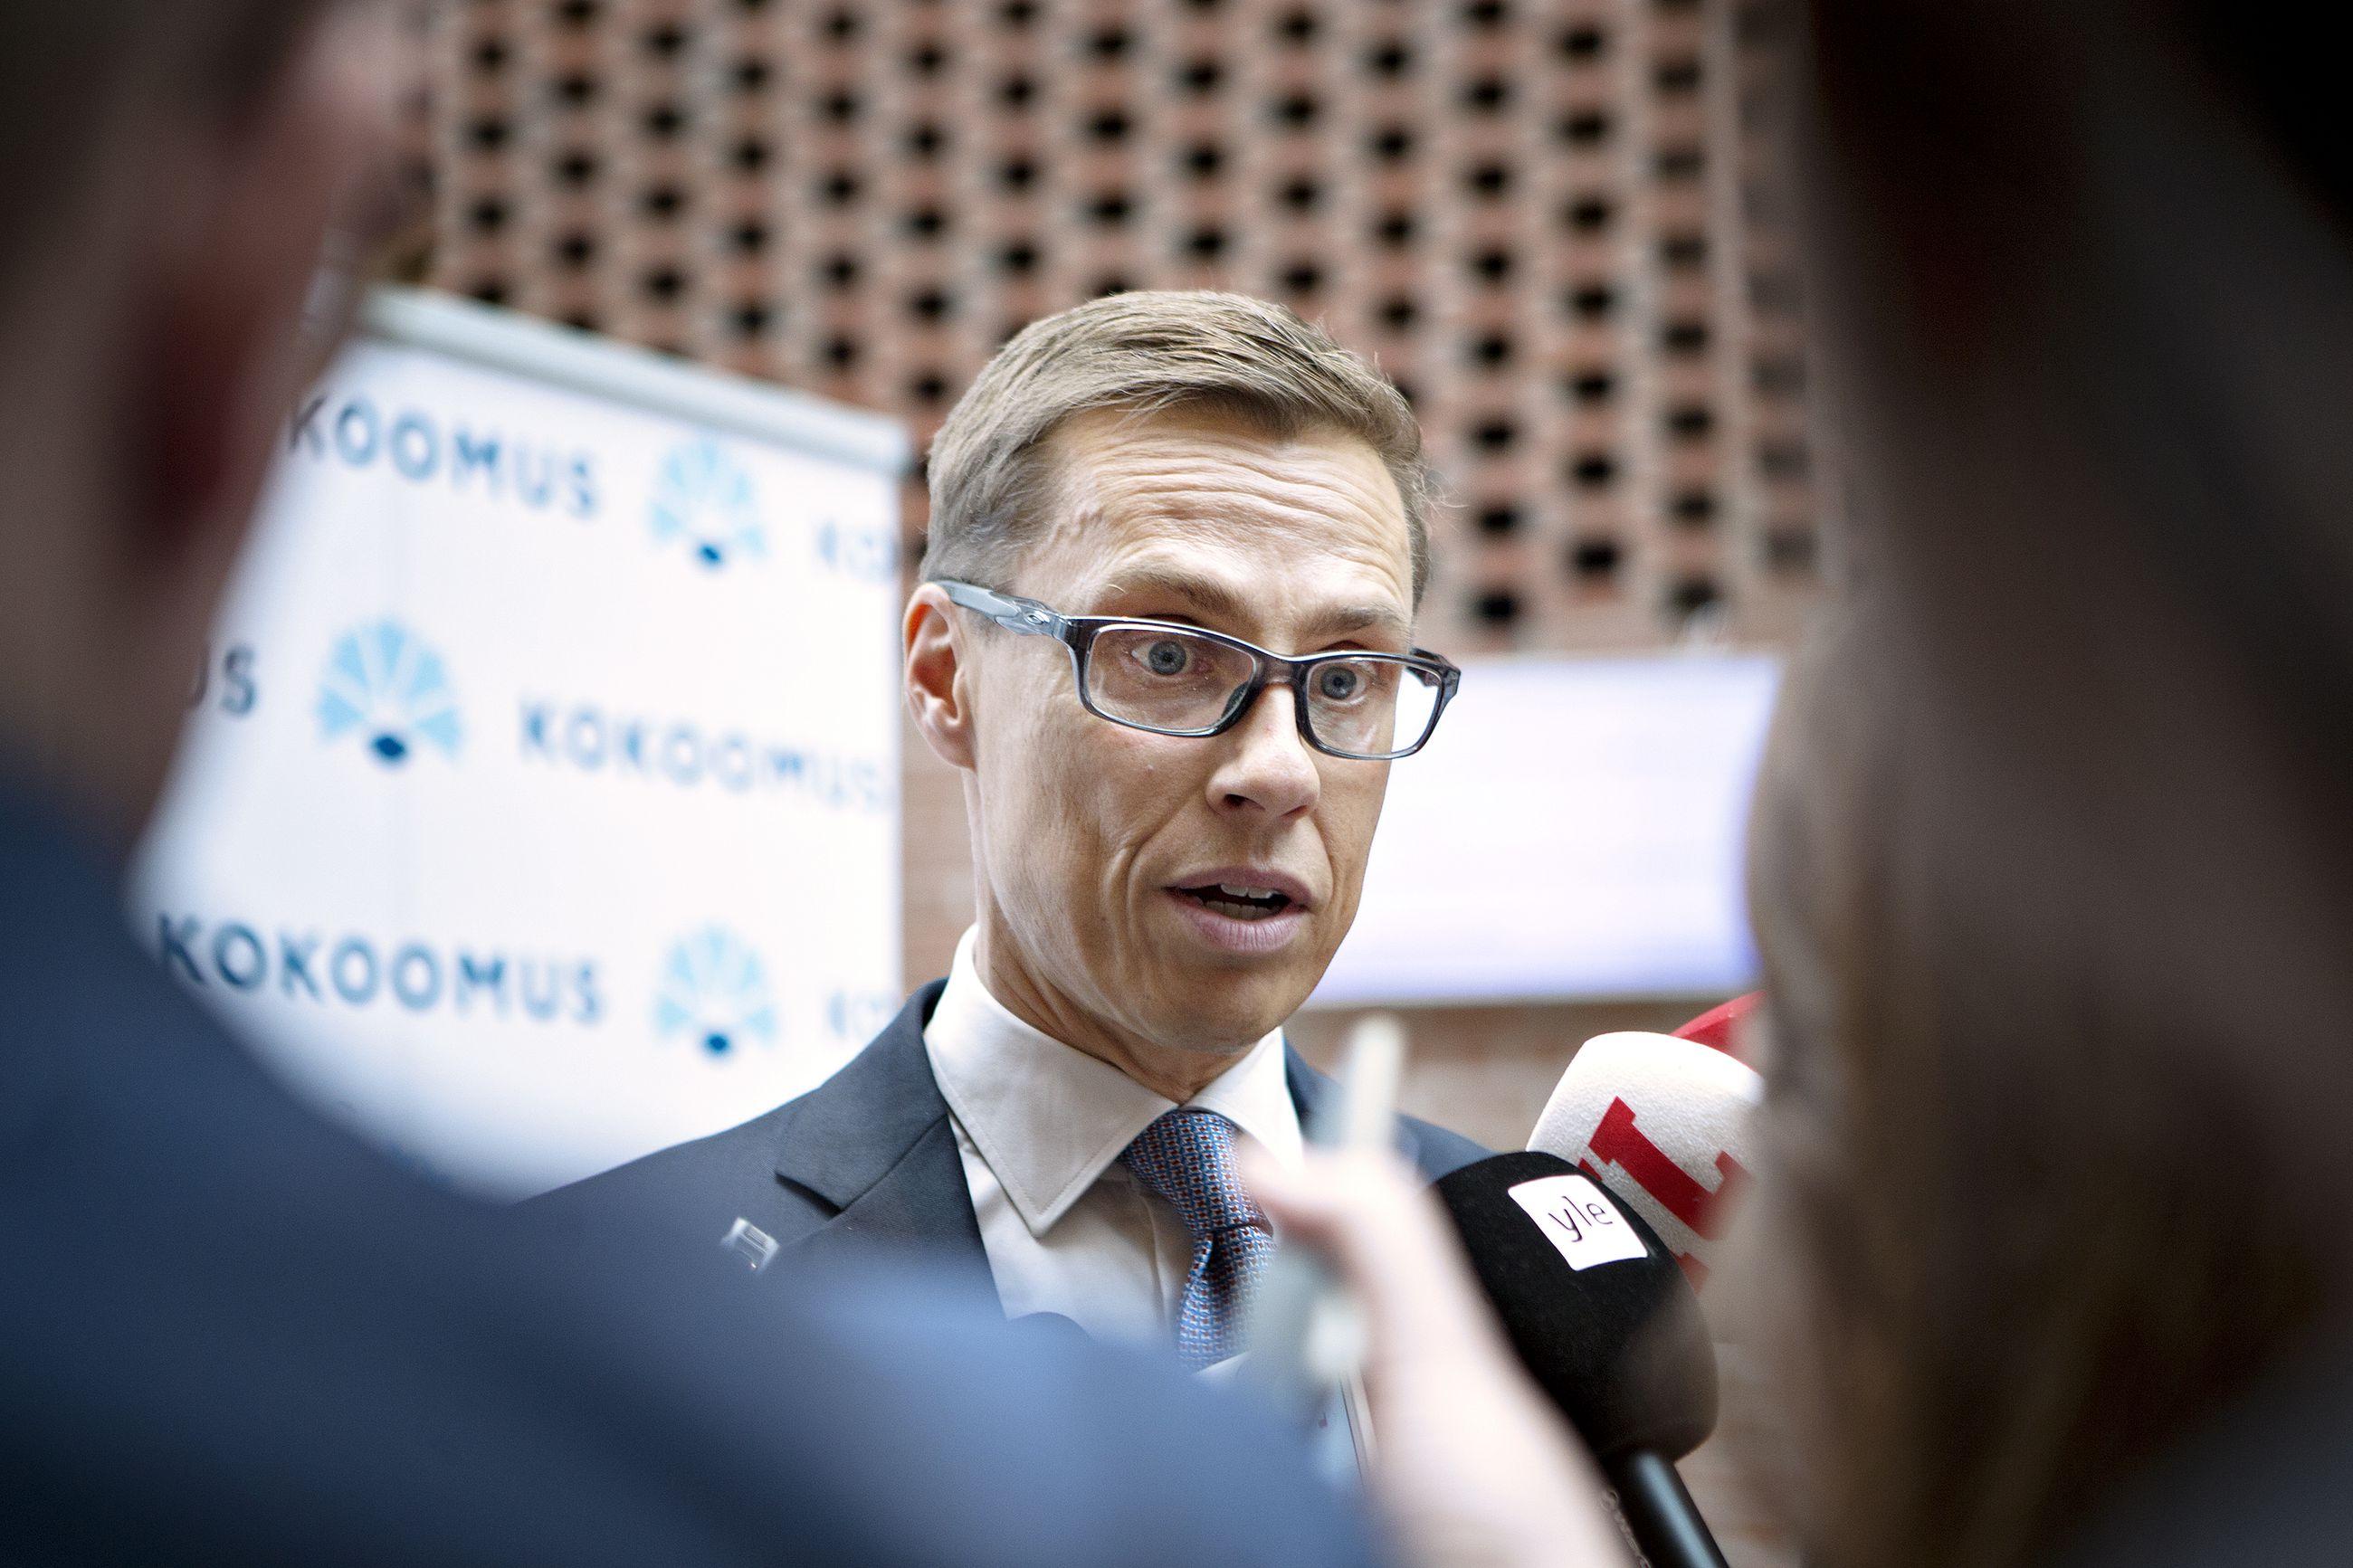 Alexander Stubb arvioi, että Ruotsi voi olla lähestymässä pistettä, jossa maa päättää hakea Nato-jäsenyyttä.